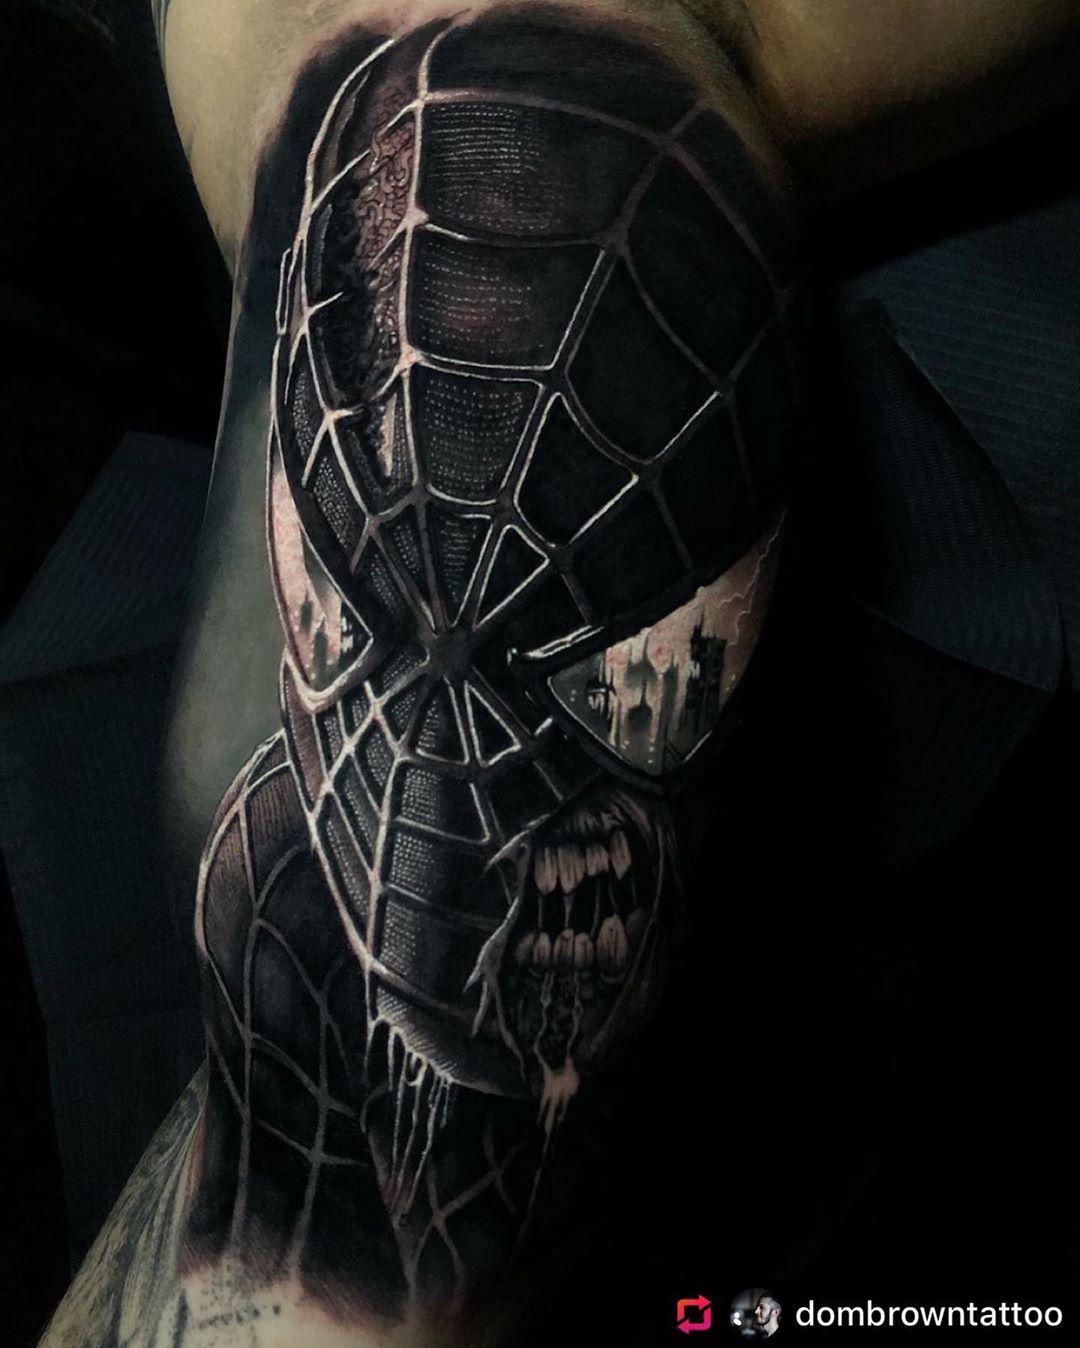 4. ลายสักจากหนังเรื่อง Spiderman ลายสักขาวดำเหมือนมาก